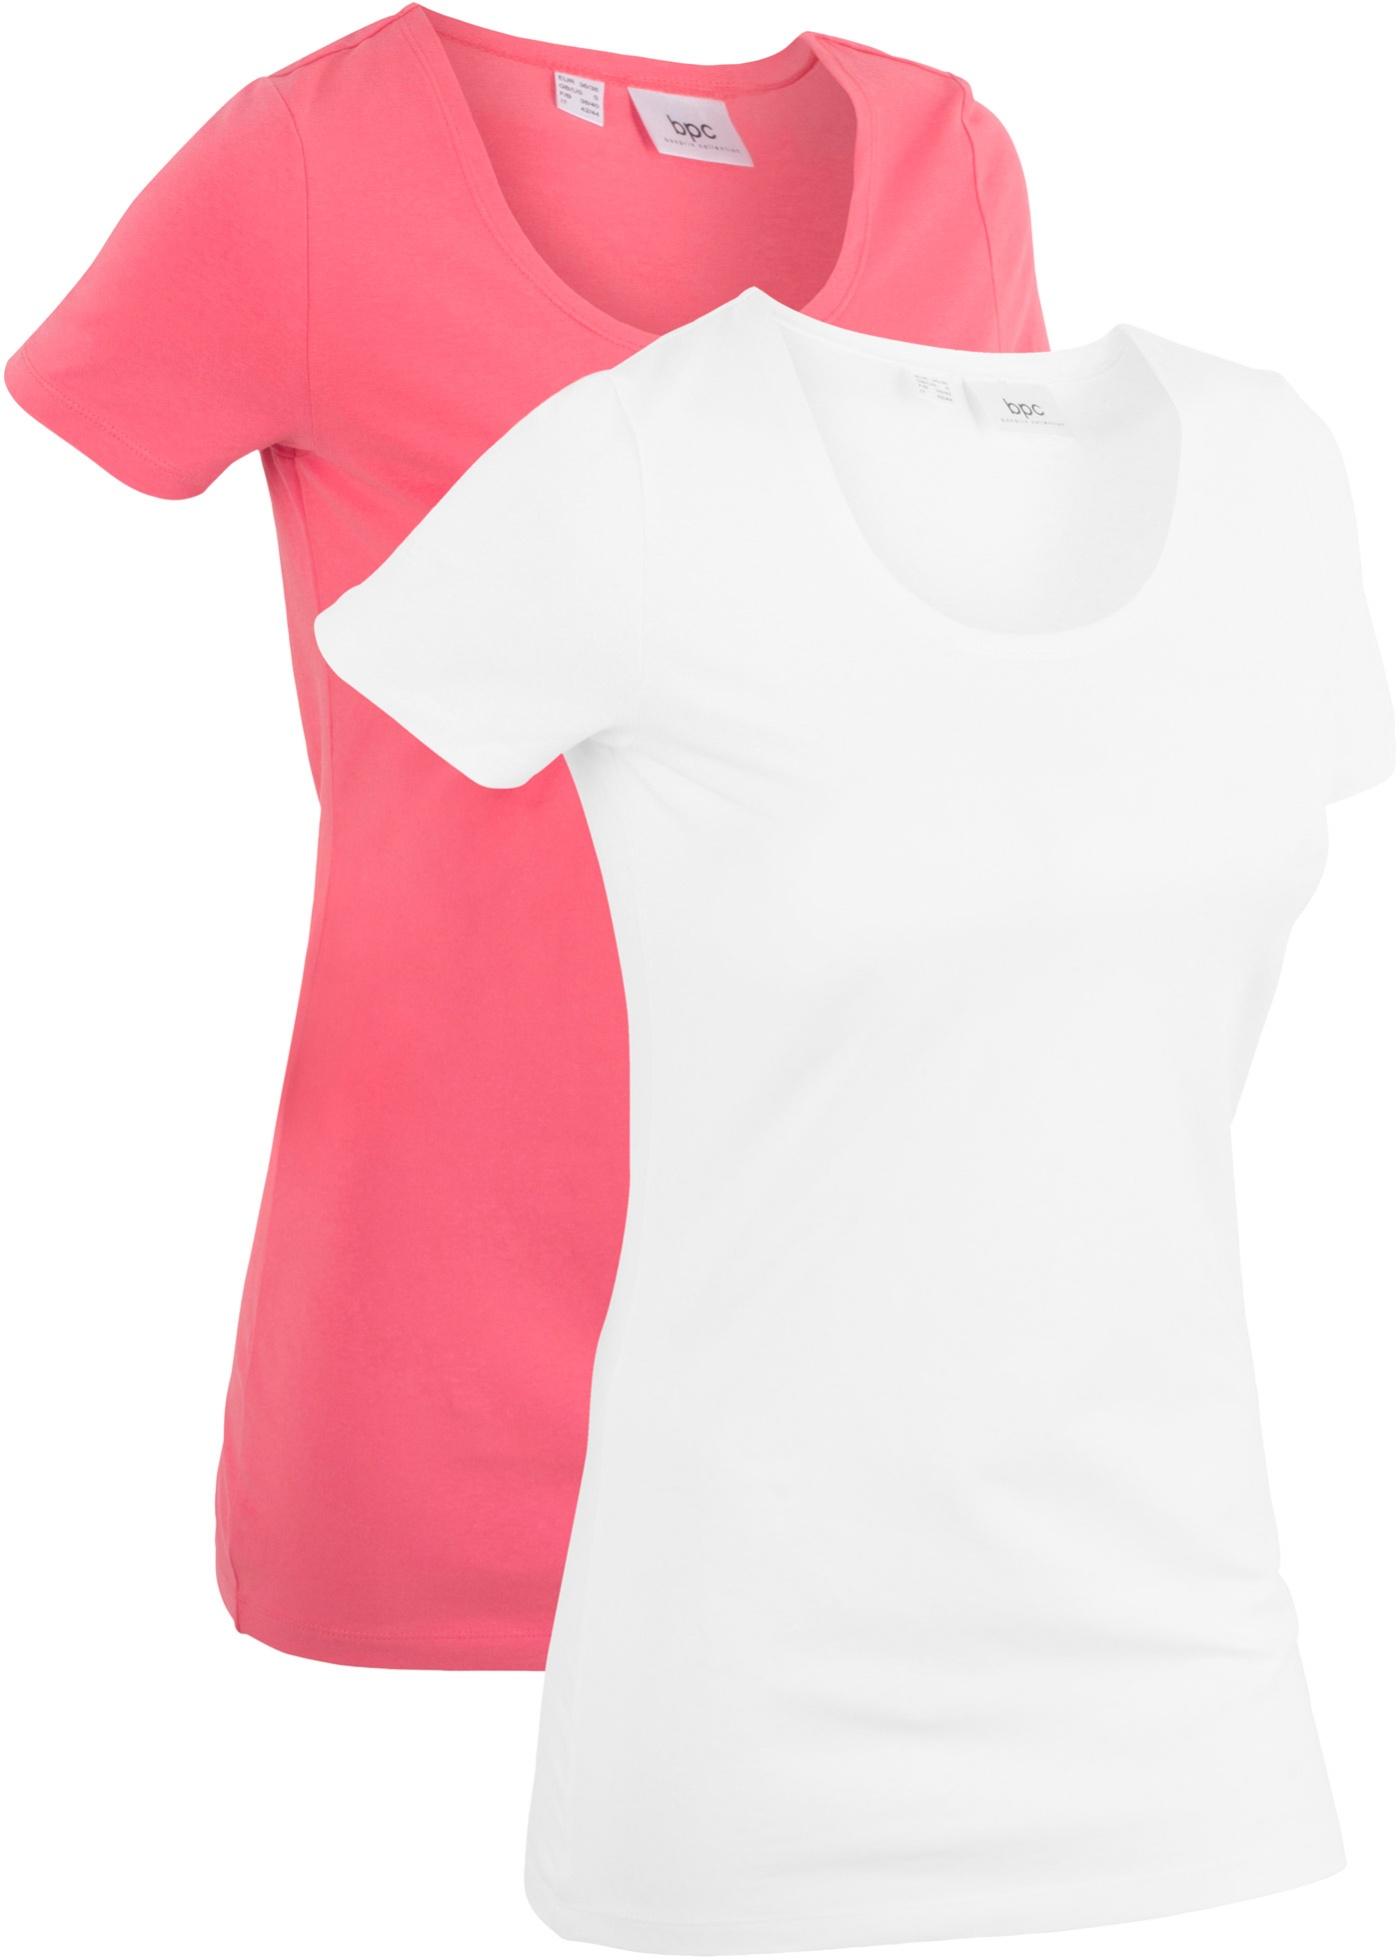 Bpc Femme shirts Bonprix Pour 2 CollectionLot T De Fuchsia LongsManches Courtes zMULSqGVp